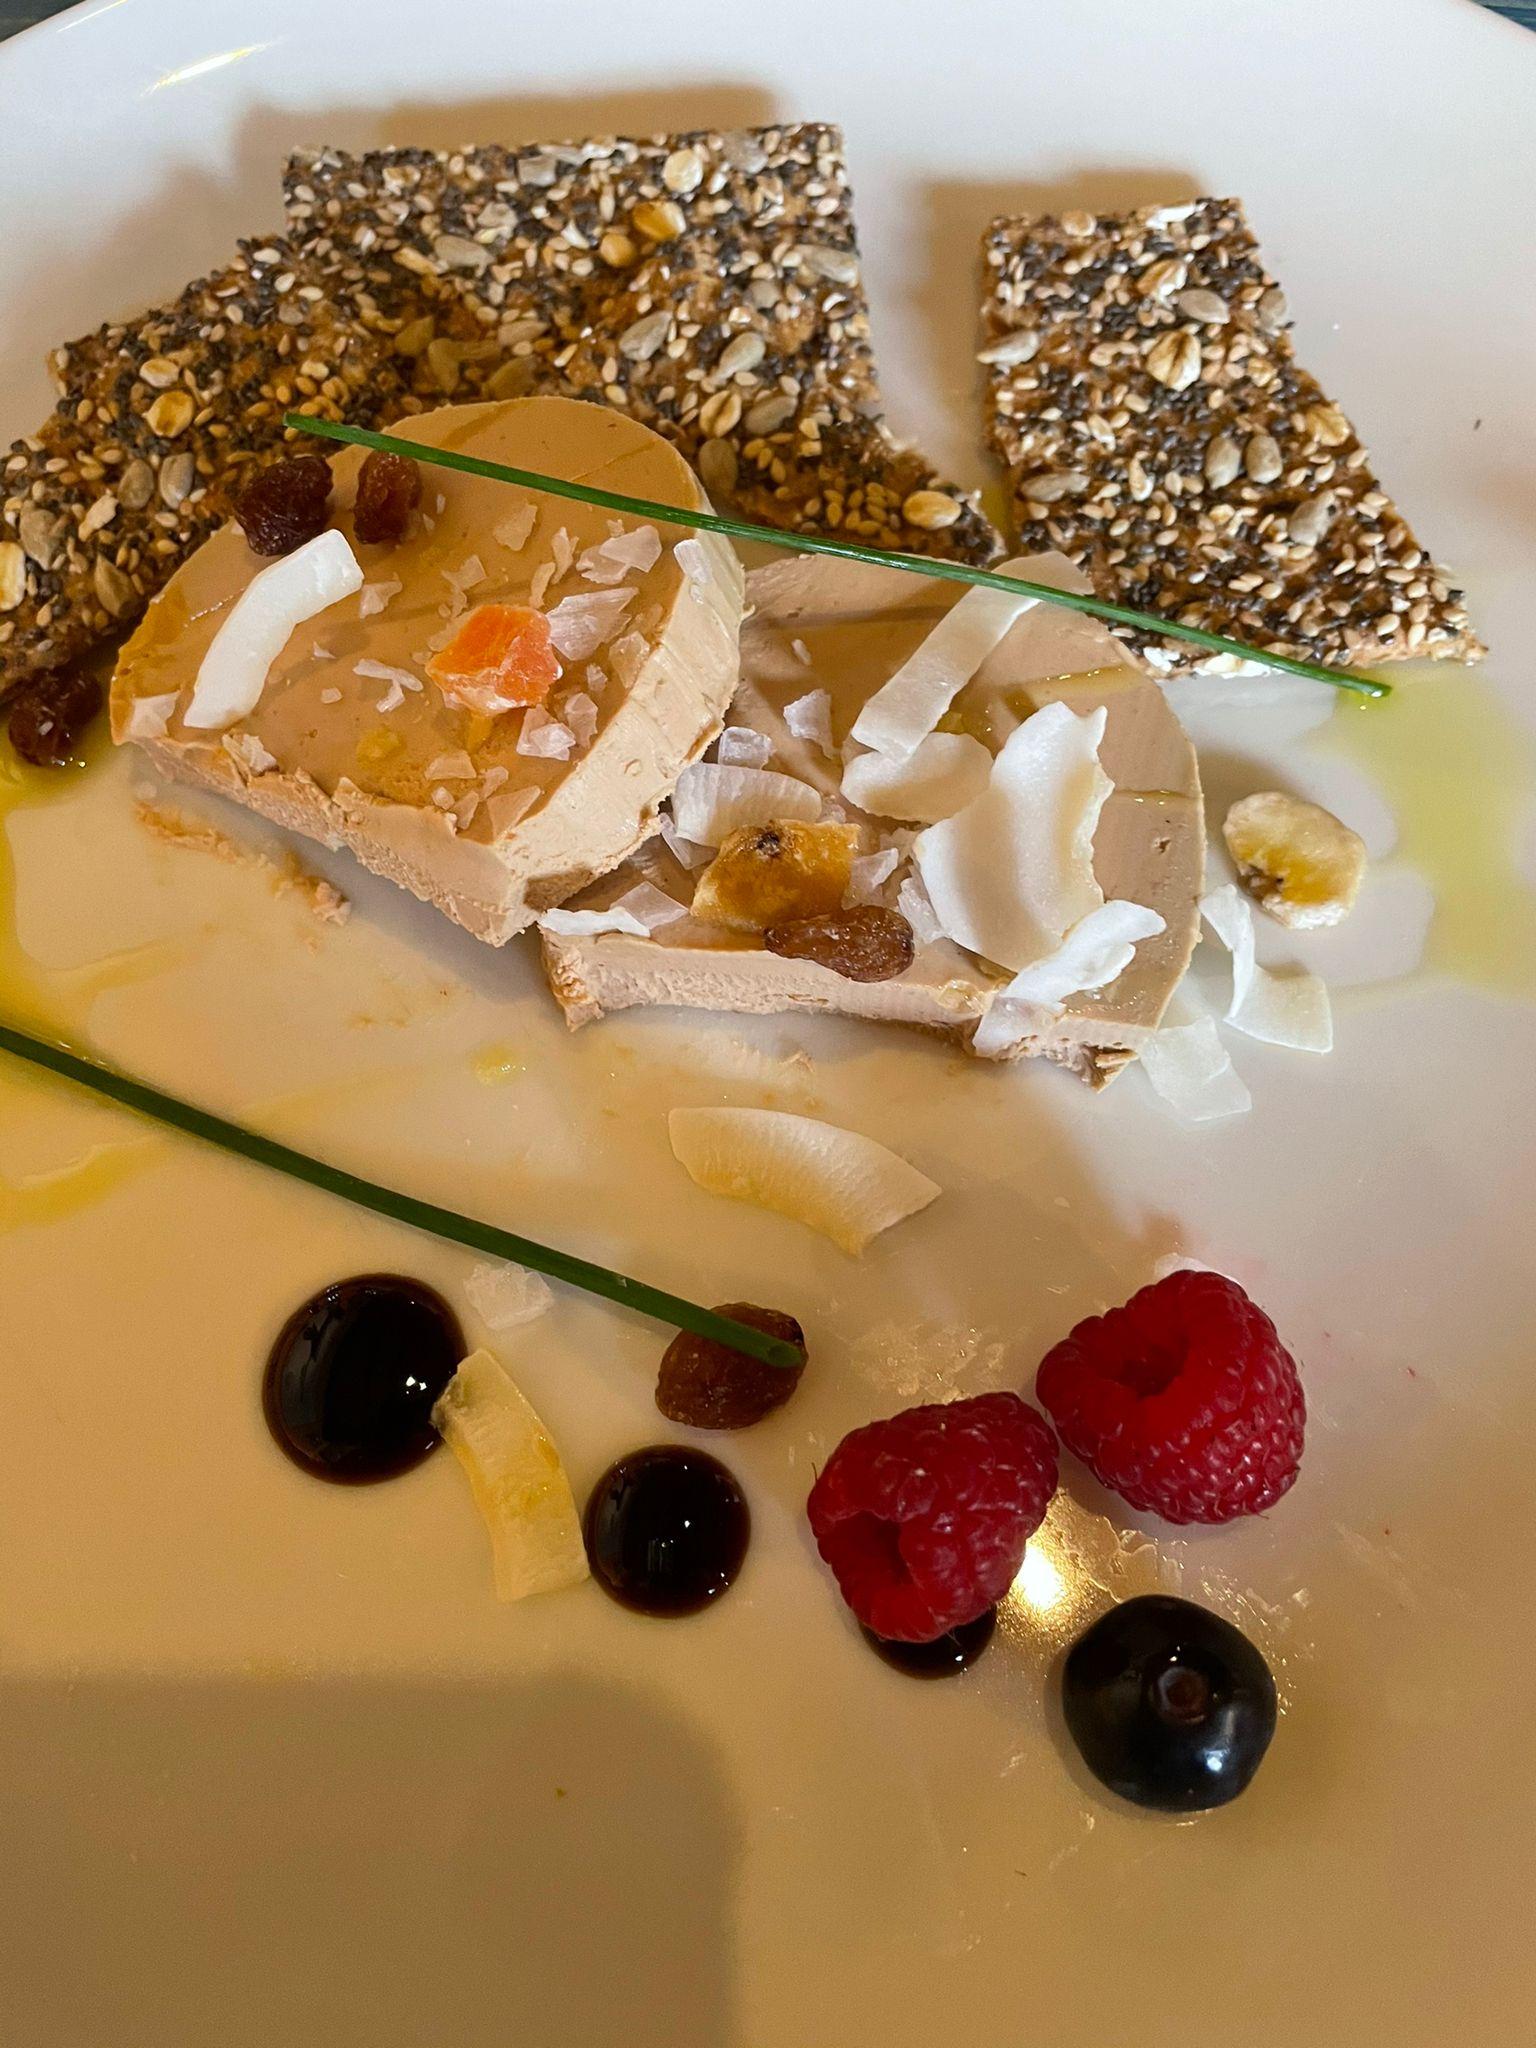 Reseña Gastronómica Restaurante la Puerta del Perdón en Villafranca del Bierzo. 4